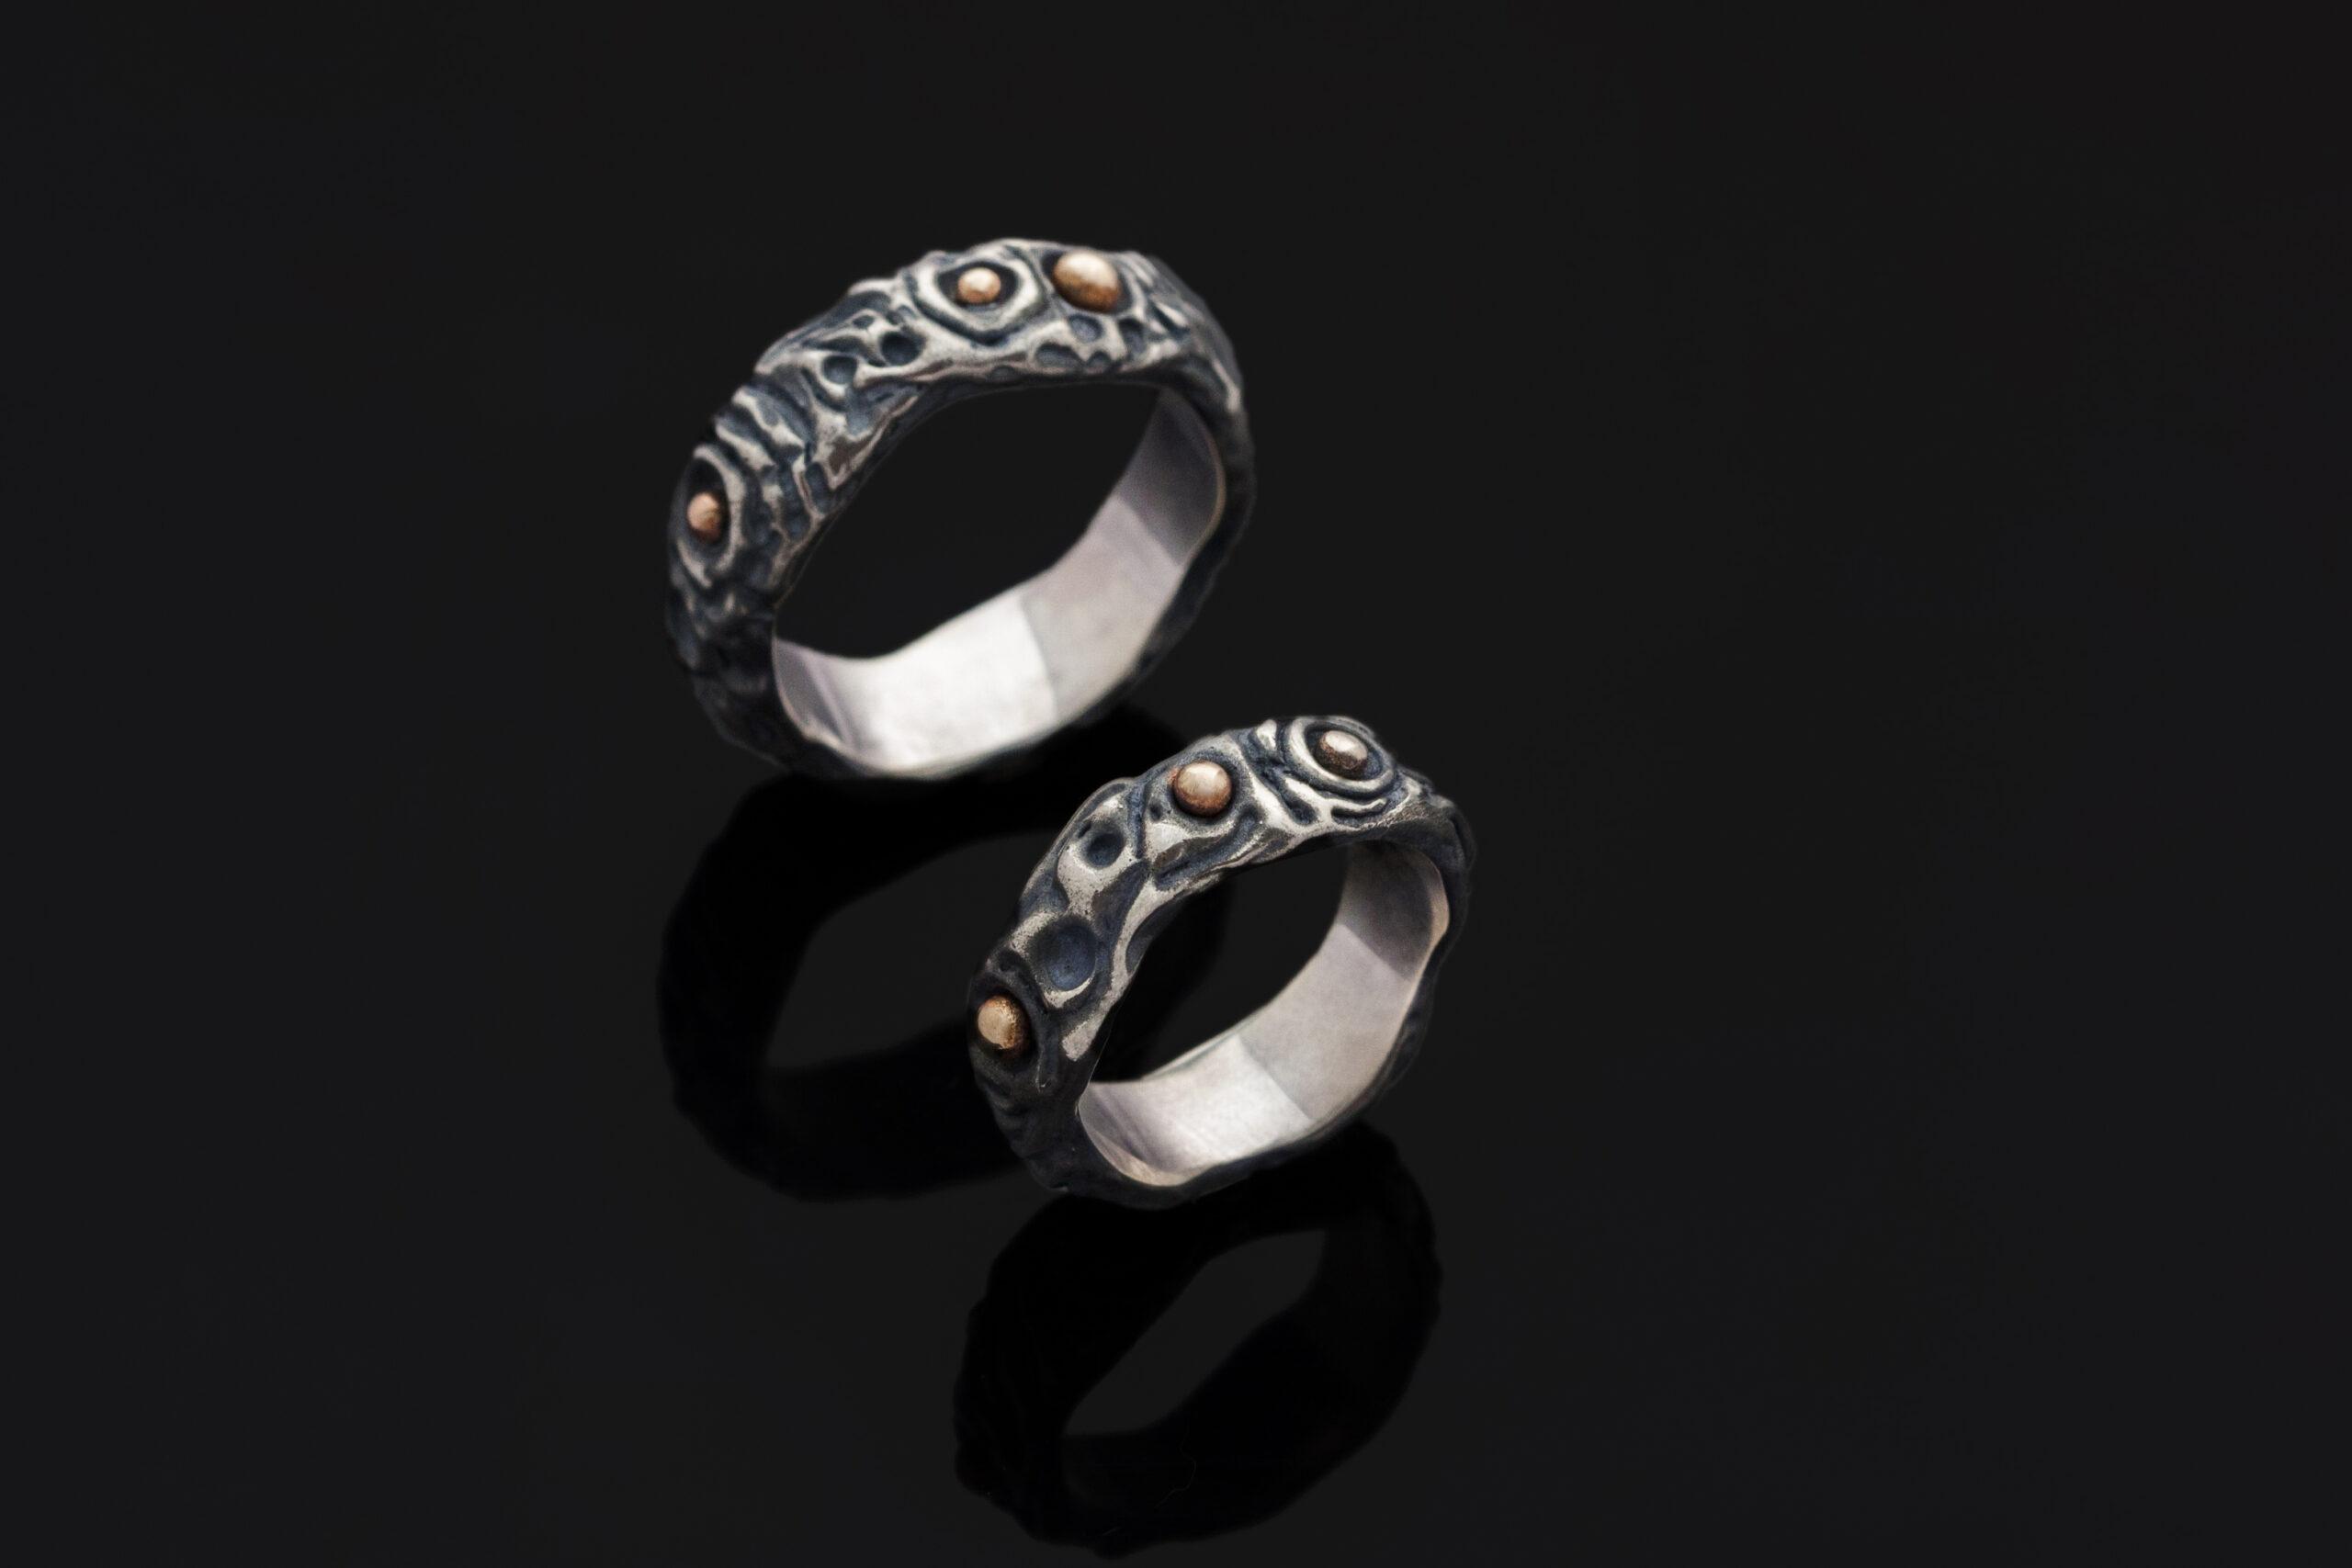 Sidabriniai vestuviniai žiedai su aukso detalėmis.